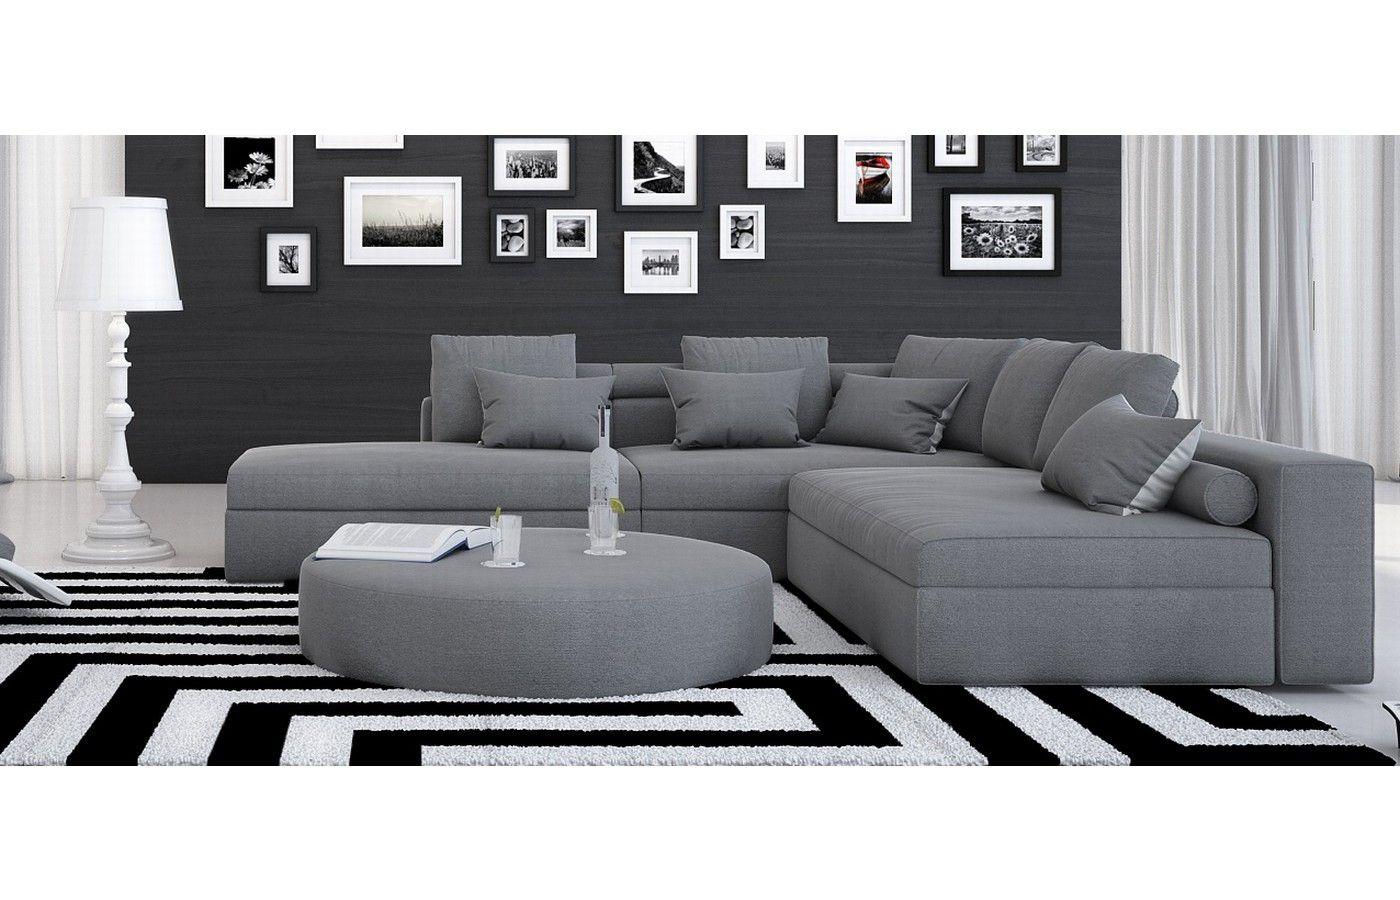 Ledersofa dunkelgrau  Stoffsofa ARI Ecksofa in grau | möbel | furniture | Pinterest ...